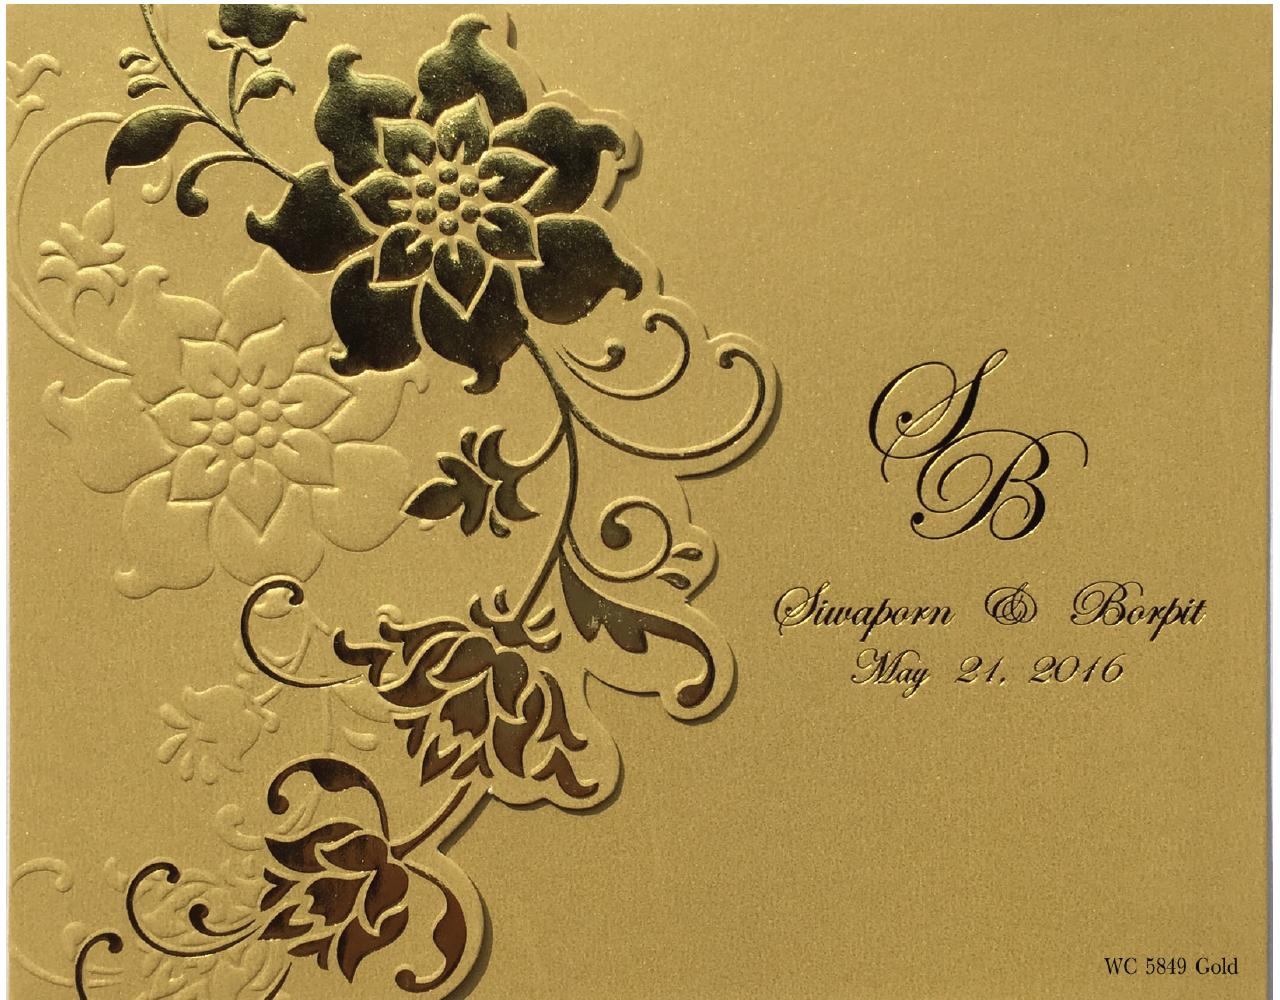 การ์ดเชิญงานแต่ง การ์ดแต่งงาน สีมุกทอง แบบเรียบหรู ไดคัทดอกไม้เลื้อย ปั๊มนูน ปั๊มฟอยล์ wedding card 6.5 x 5.3 inch wc 5849 Gold